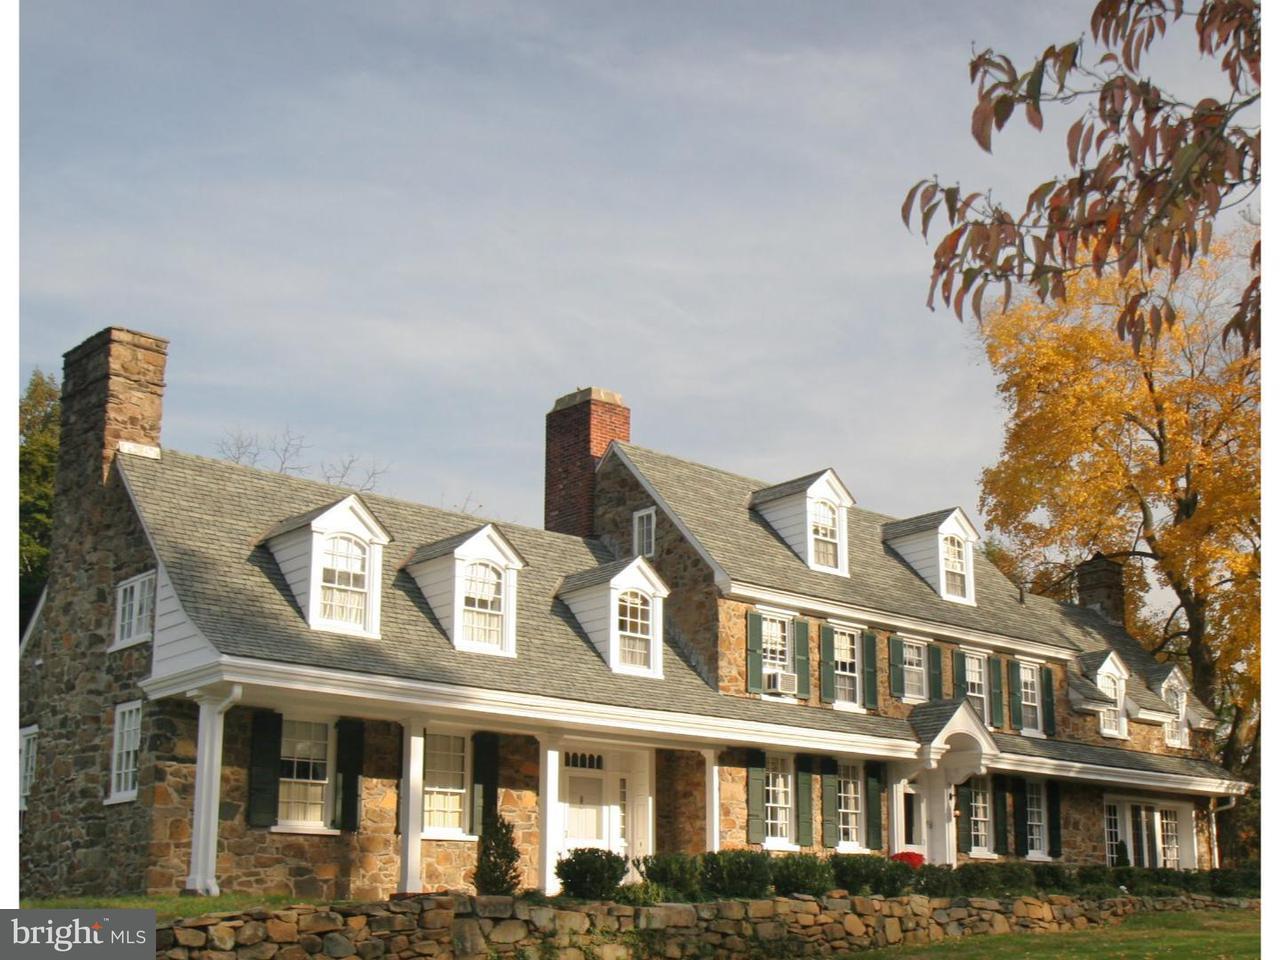 Casa Unifamiliar por un Venta en 207 GOAT HILL Road Lambertville, Nueva Jersey 08530 Estados UnidosEn/Alrededor: West Amwell Township